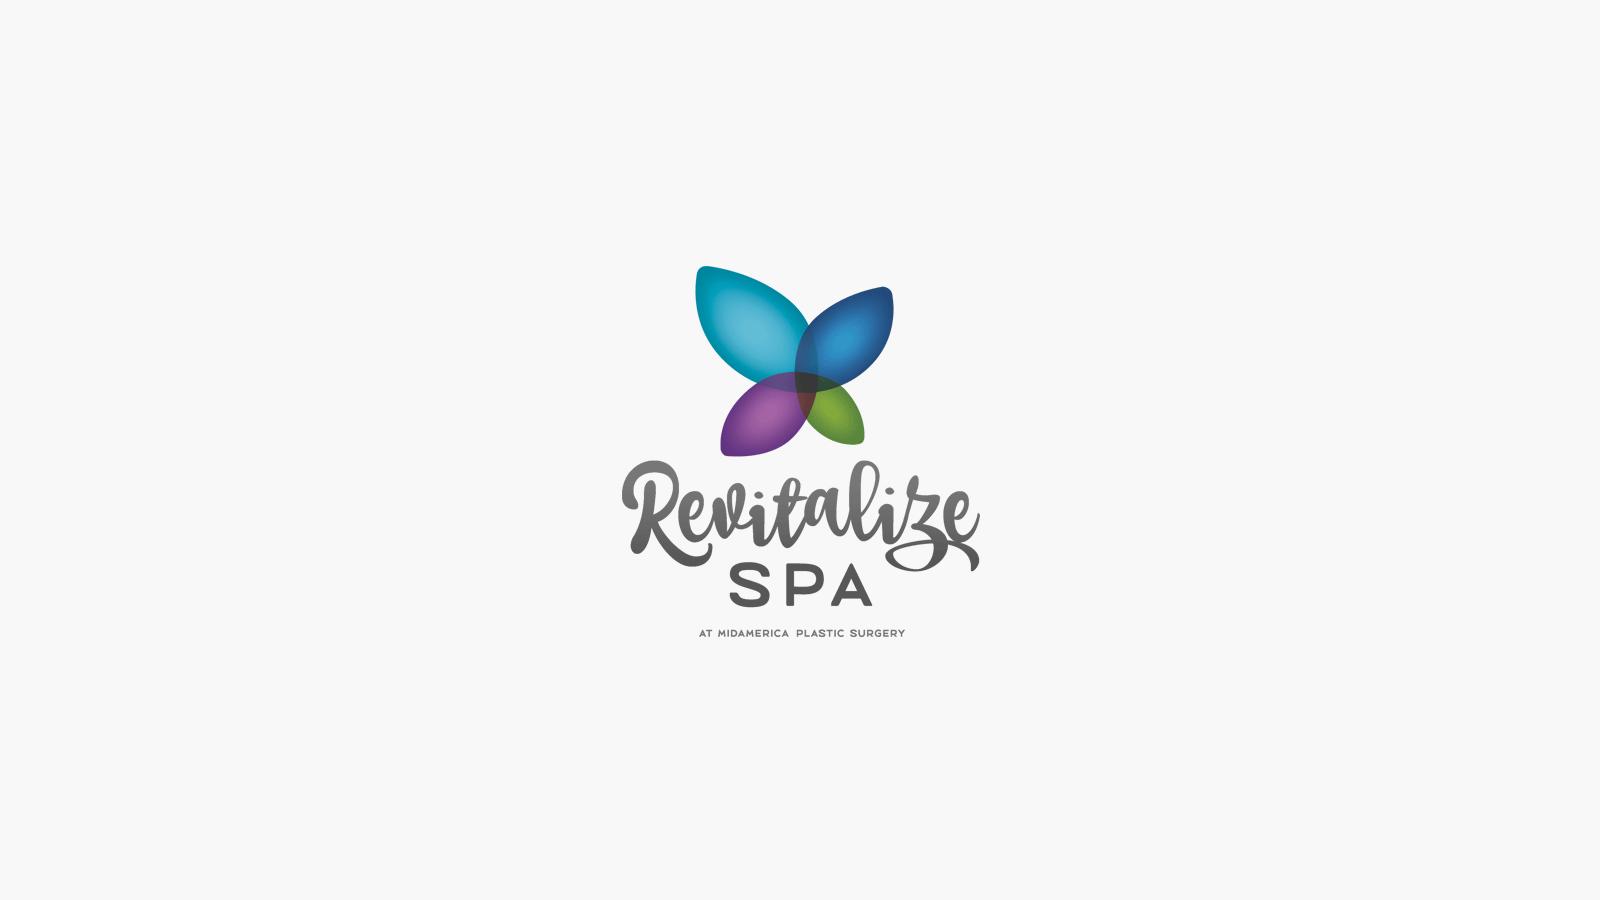 Revitalize Spa Proposed Logo